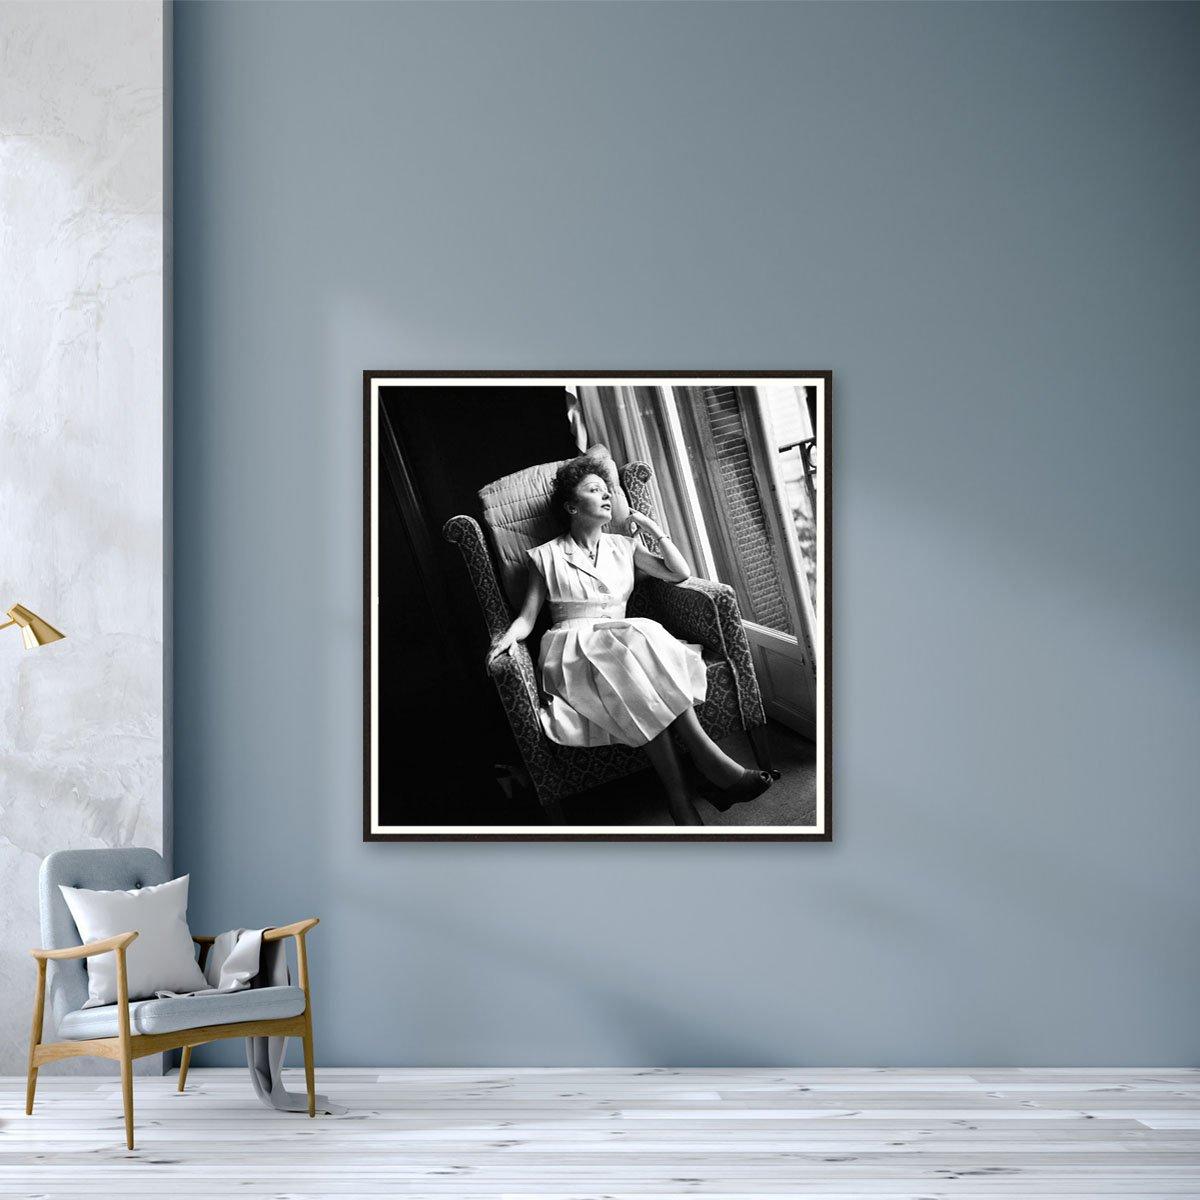 Edith Piaf by Marilyn Stafford